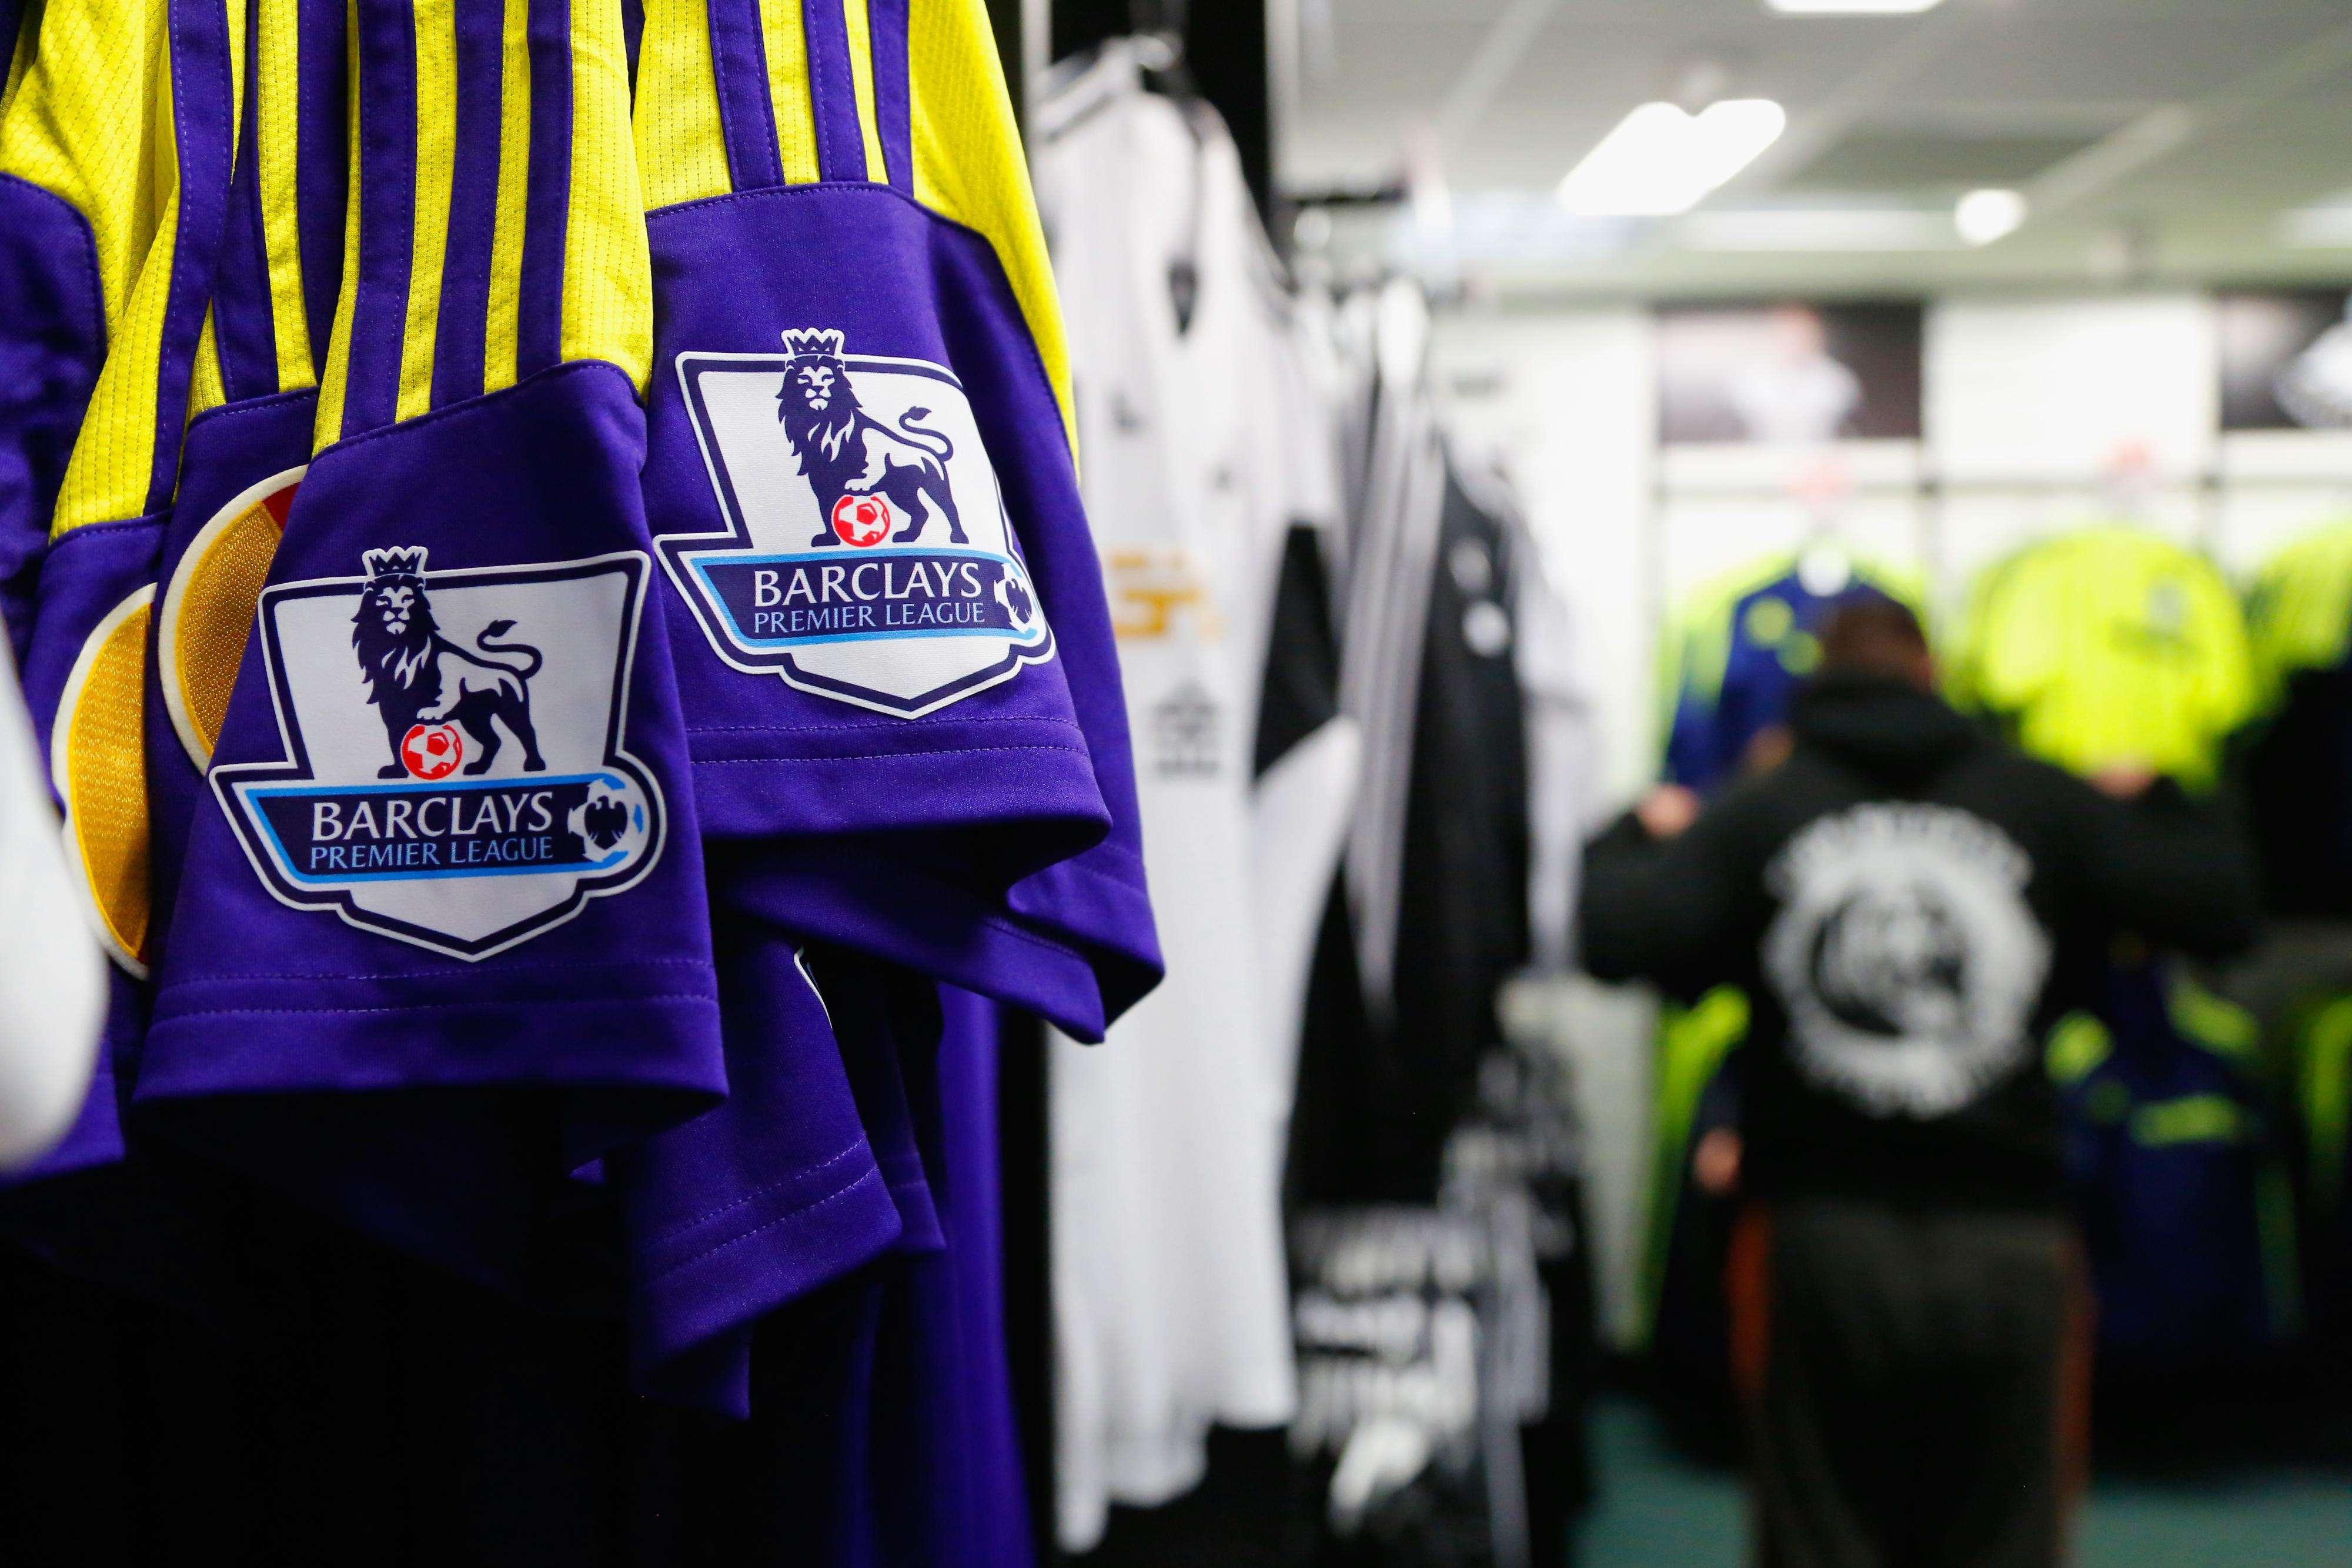 Premier League, la que gasta más en mercado de fichajes